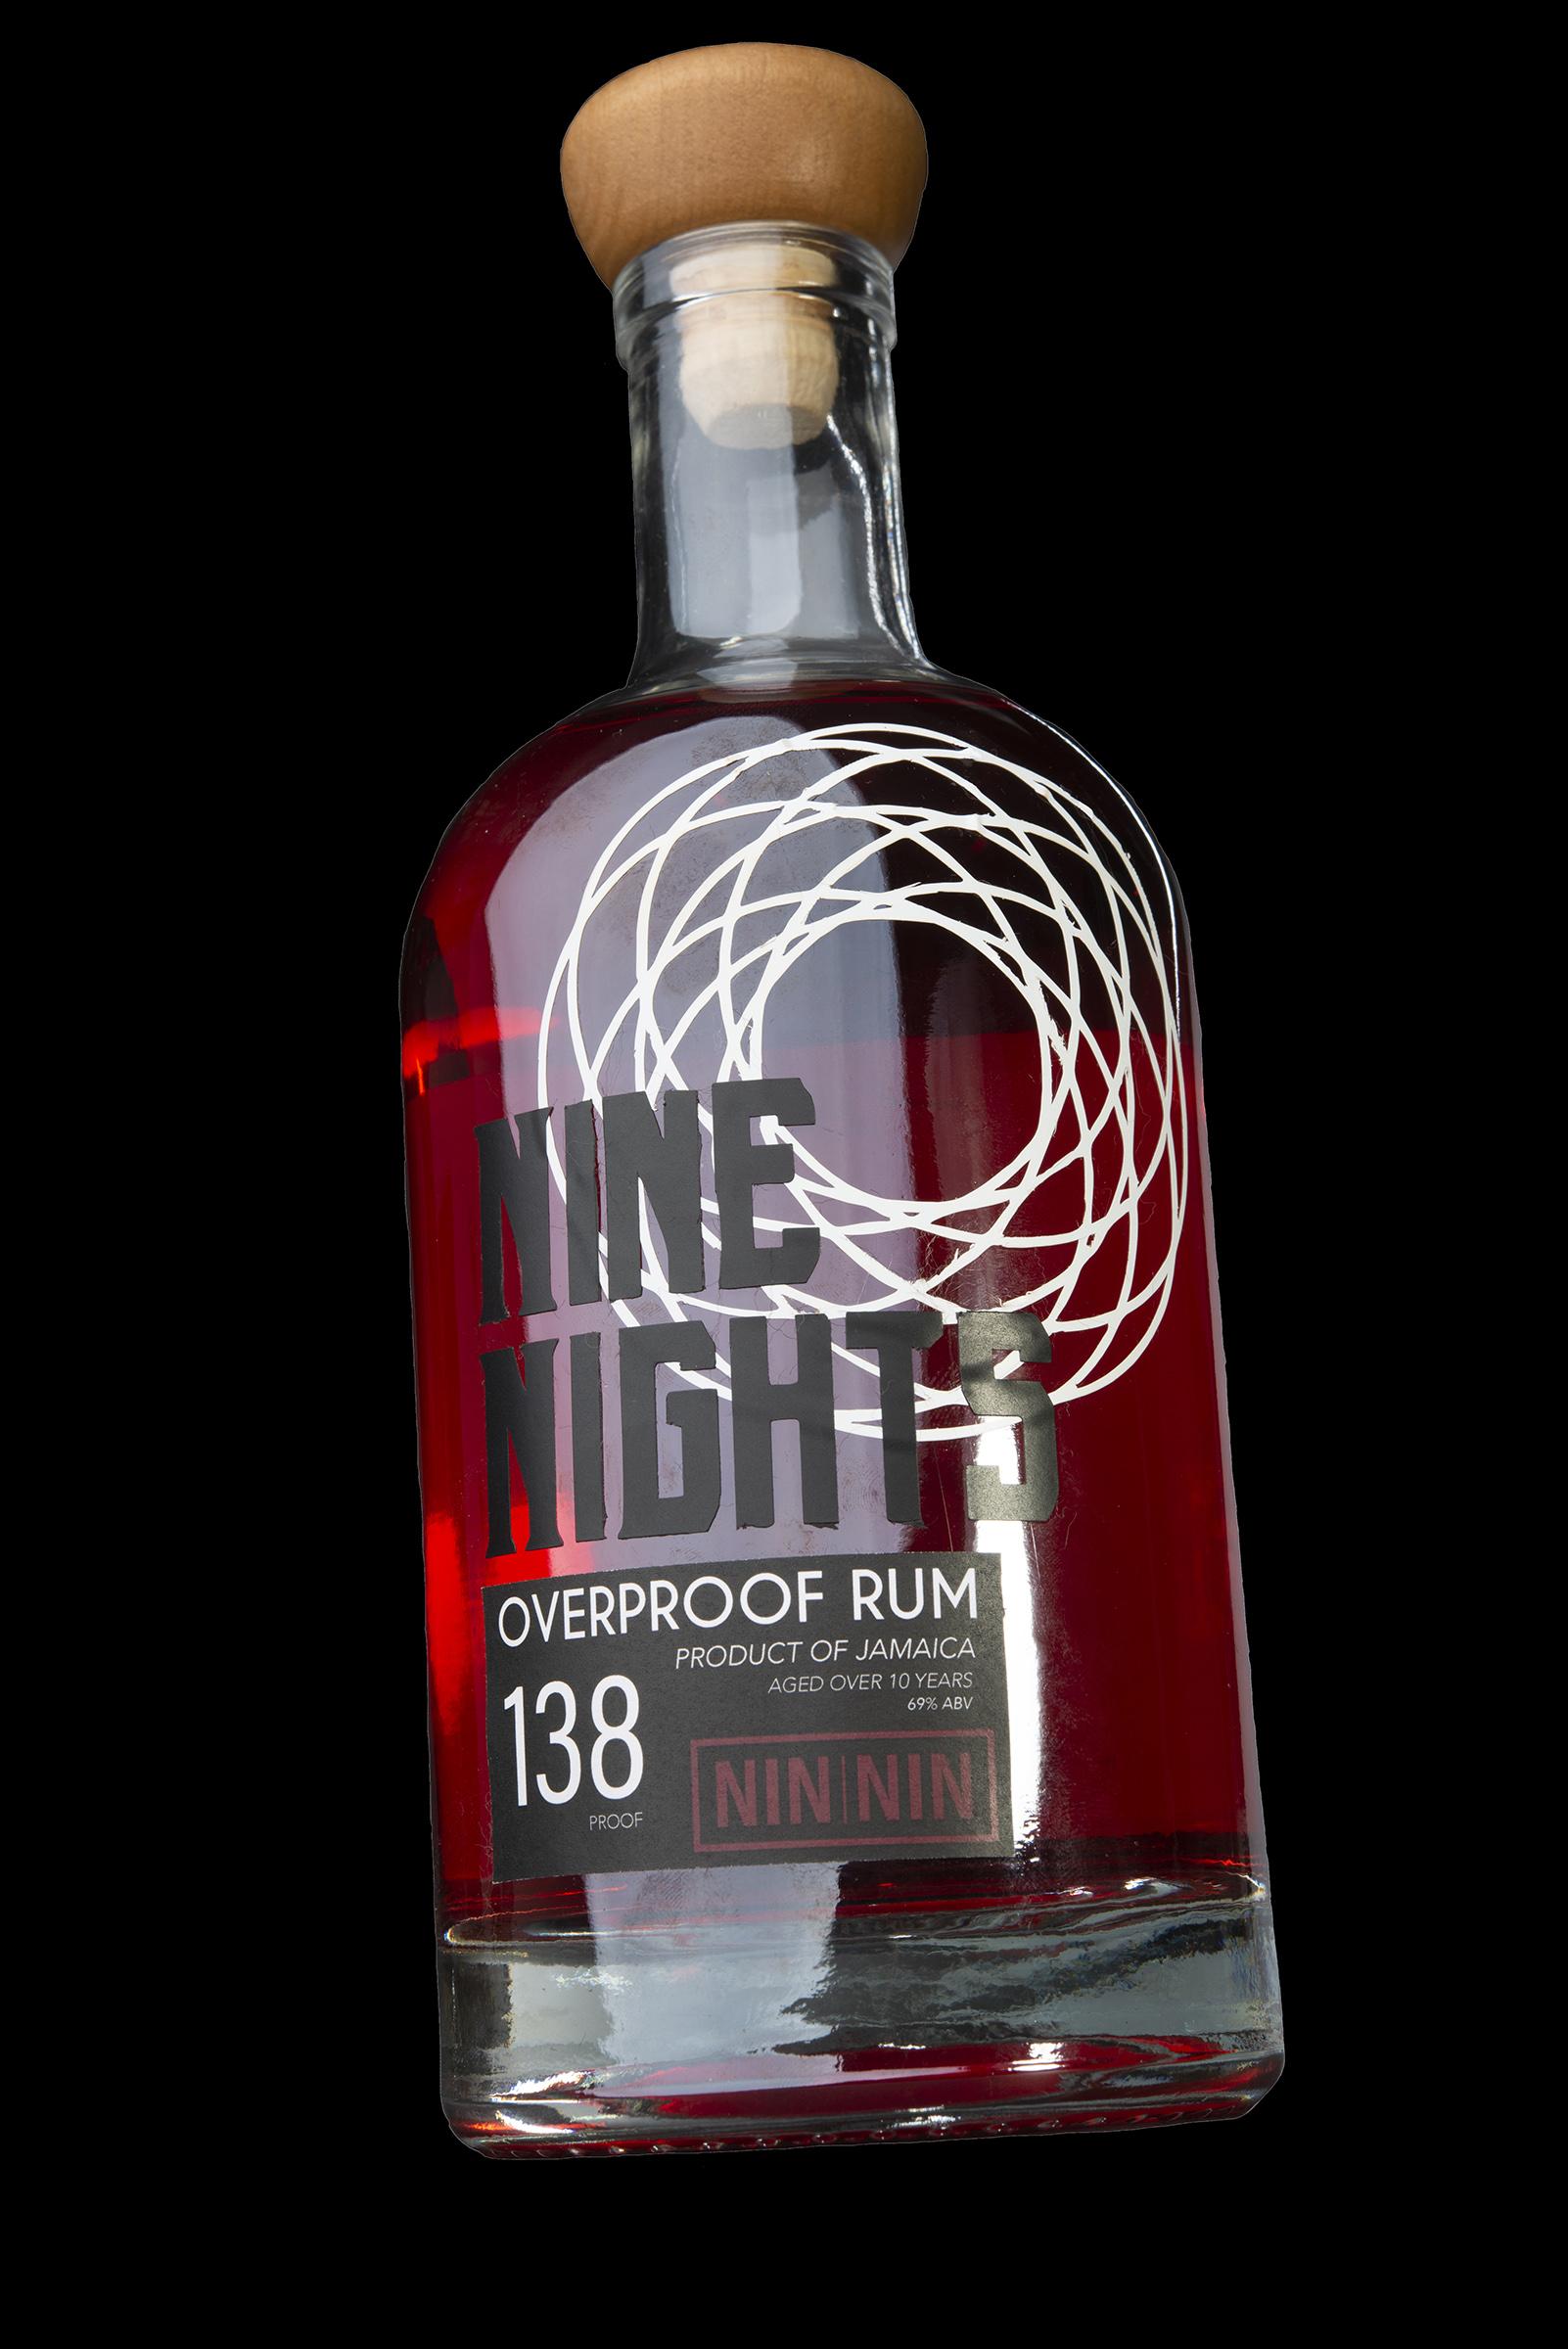 Nine Nights Bilingual Rum Bottle Packaging Design